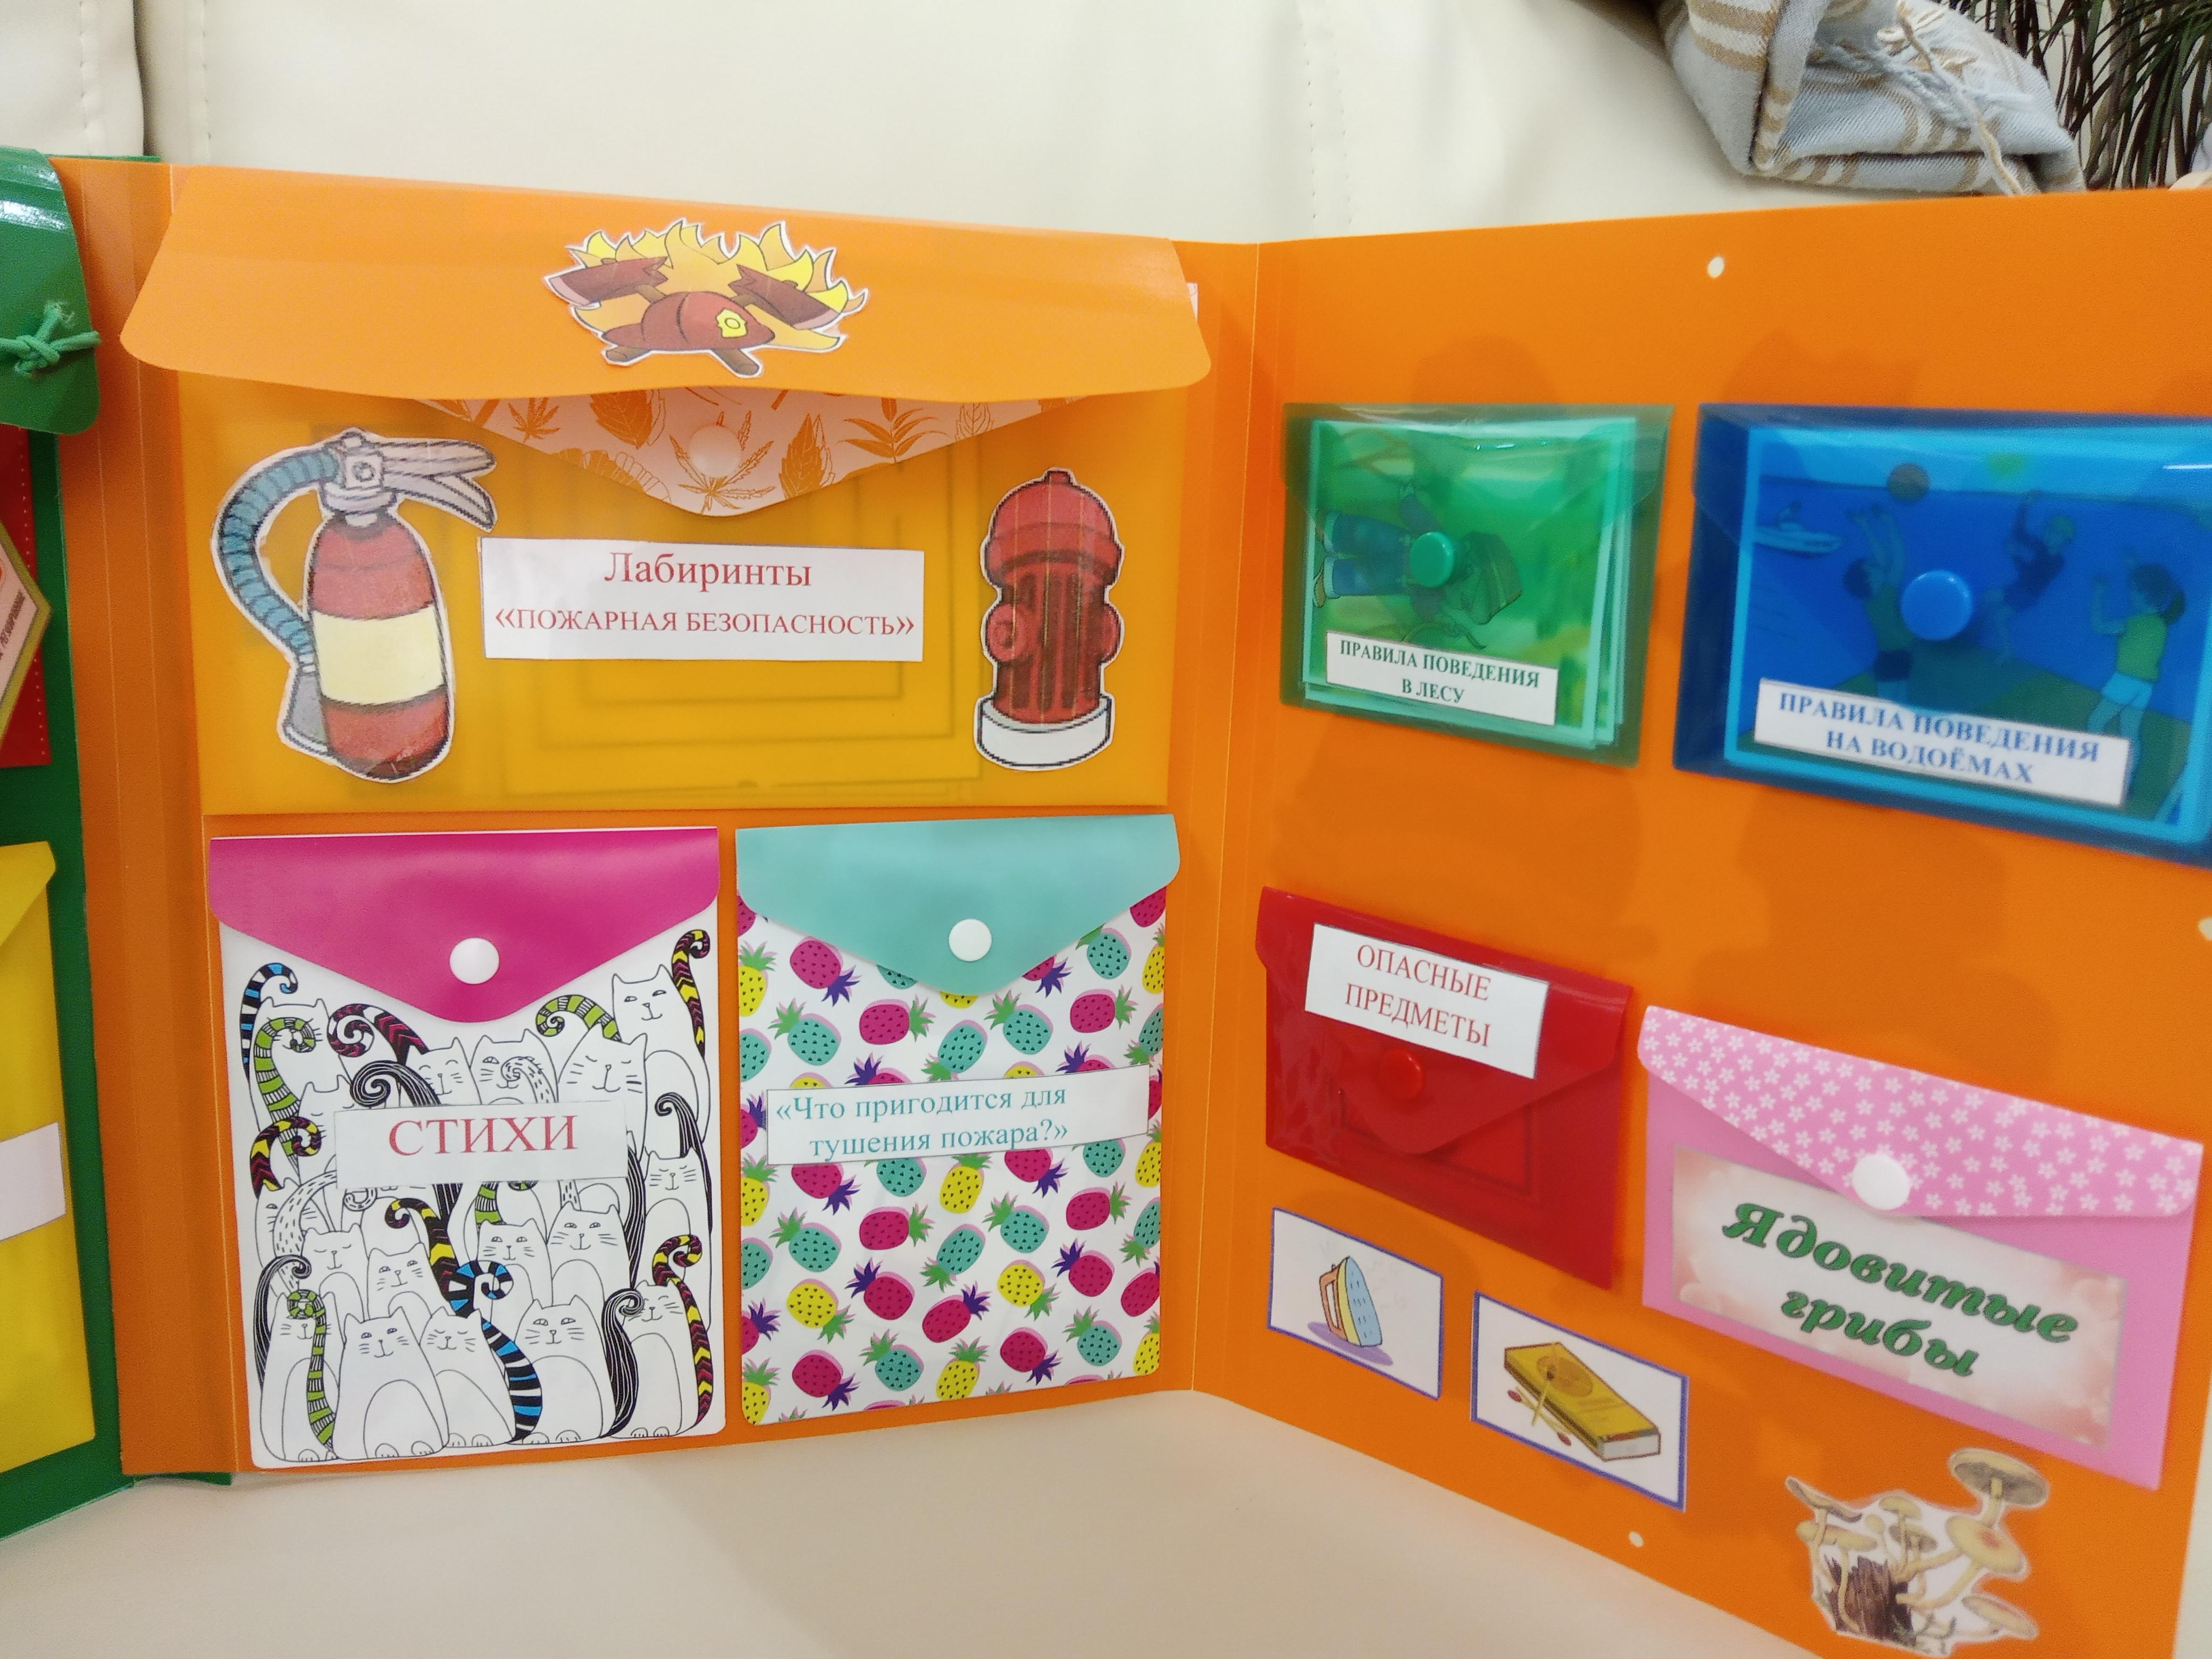 Лэпбук для дошкольников - что это такое, виды, темы и как сделать своими руками с фото